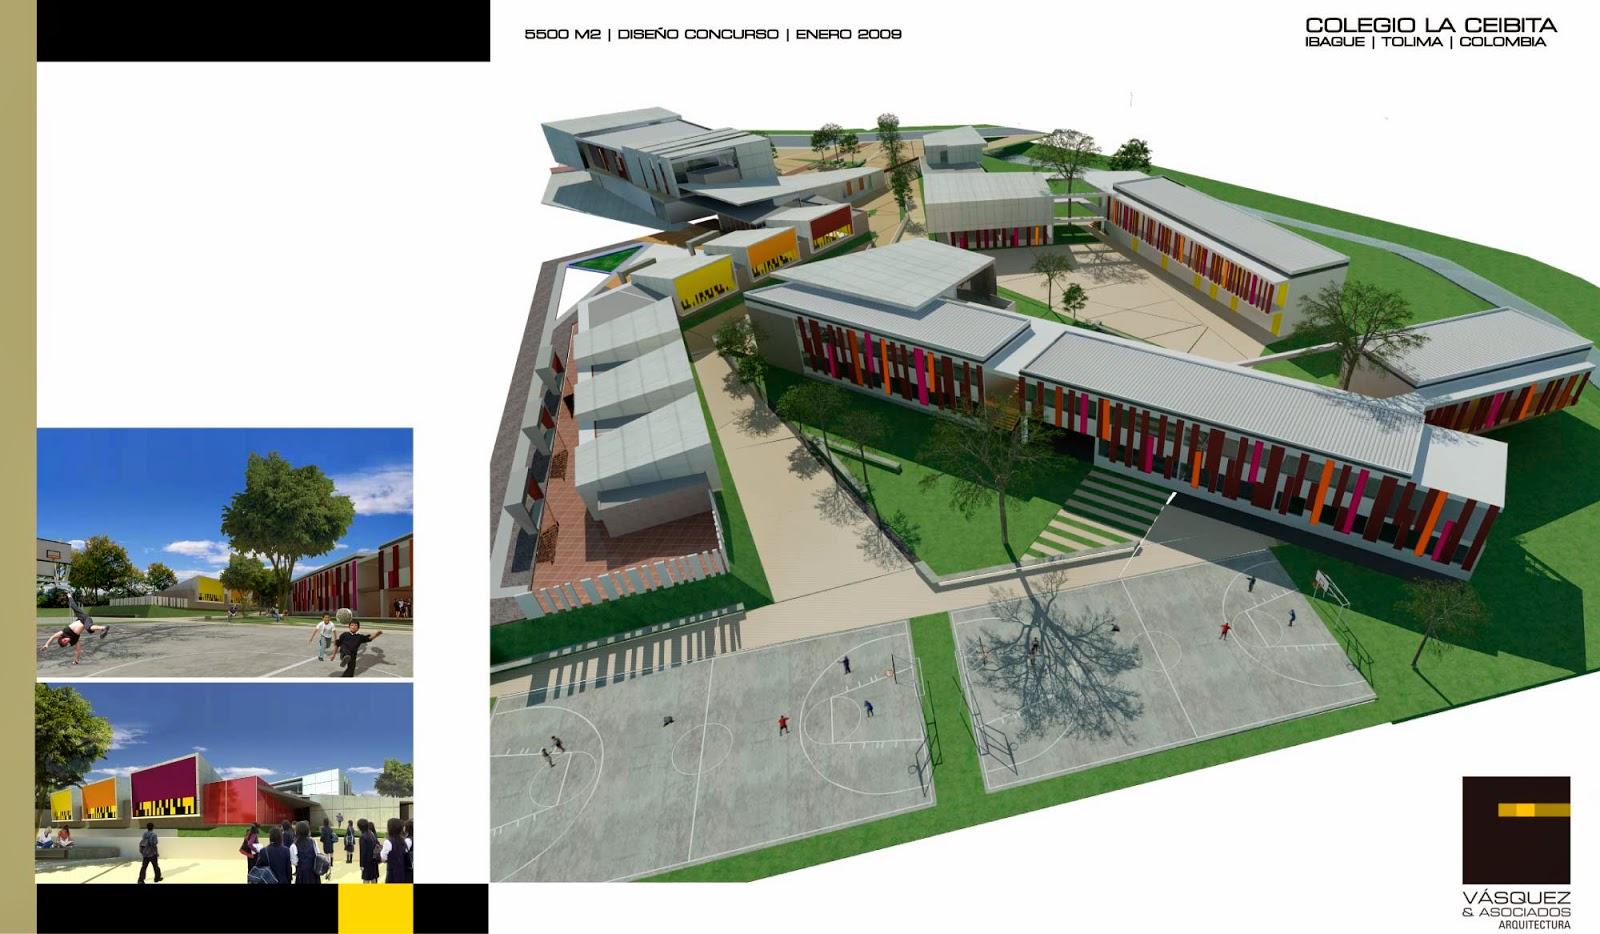 Vasquez y asociados arquitectura ltda colegio la ceibita for Genesis arquitectura y diseno ltda